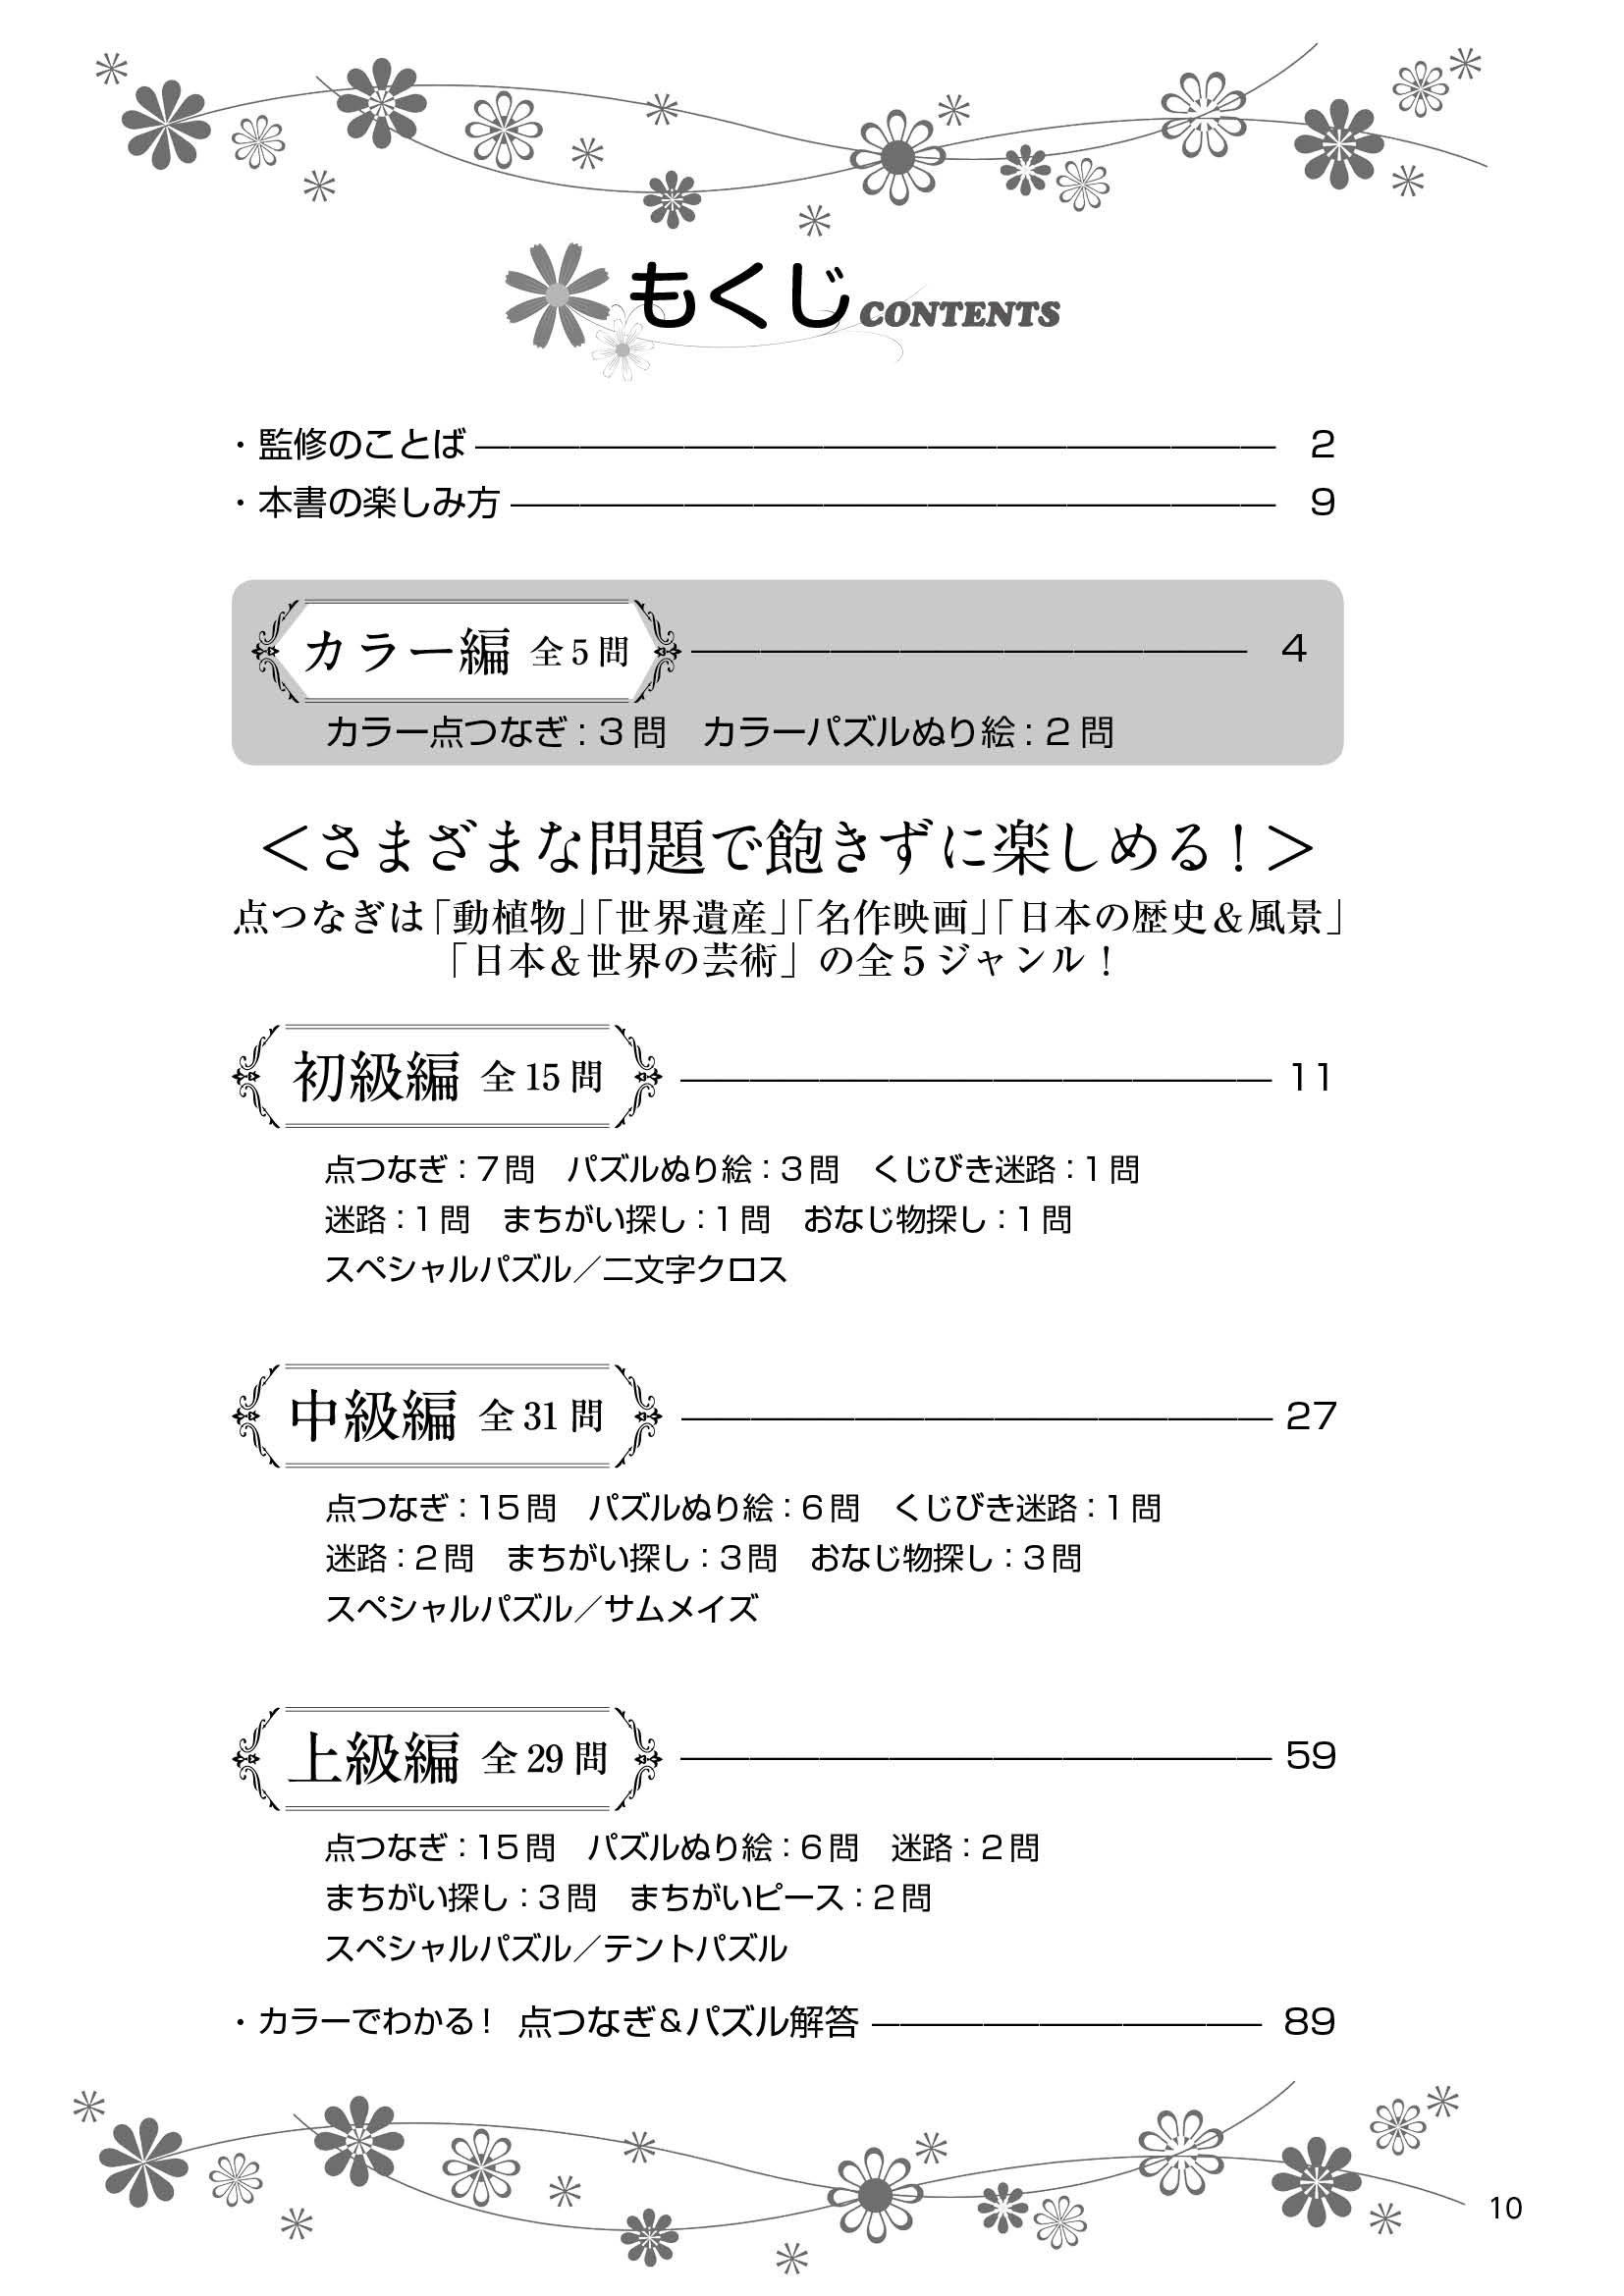 自律神経が整う点つなぎパズル 米山 公啓 パズルポケット株式会社